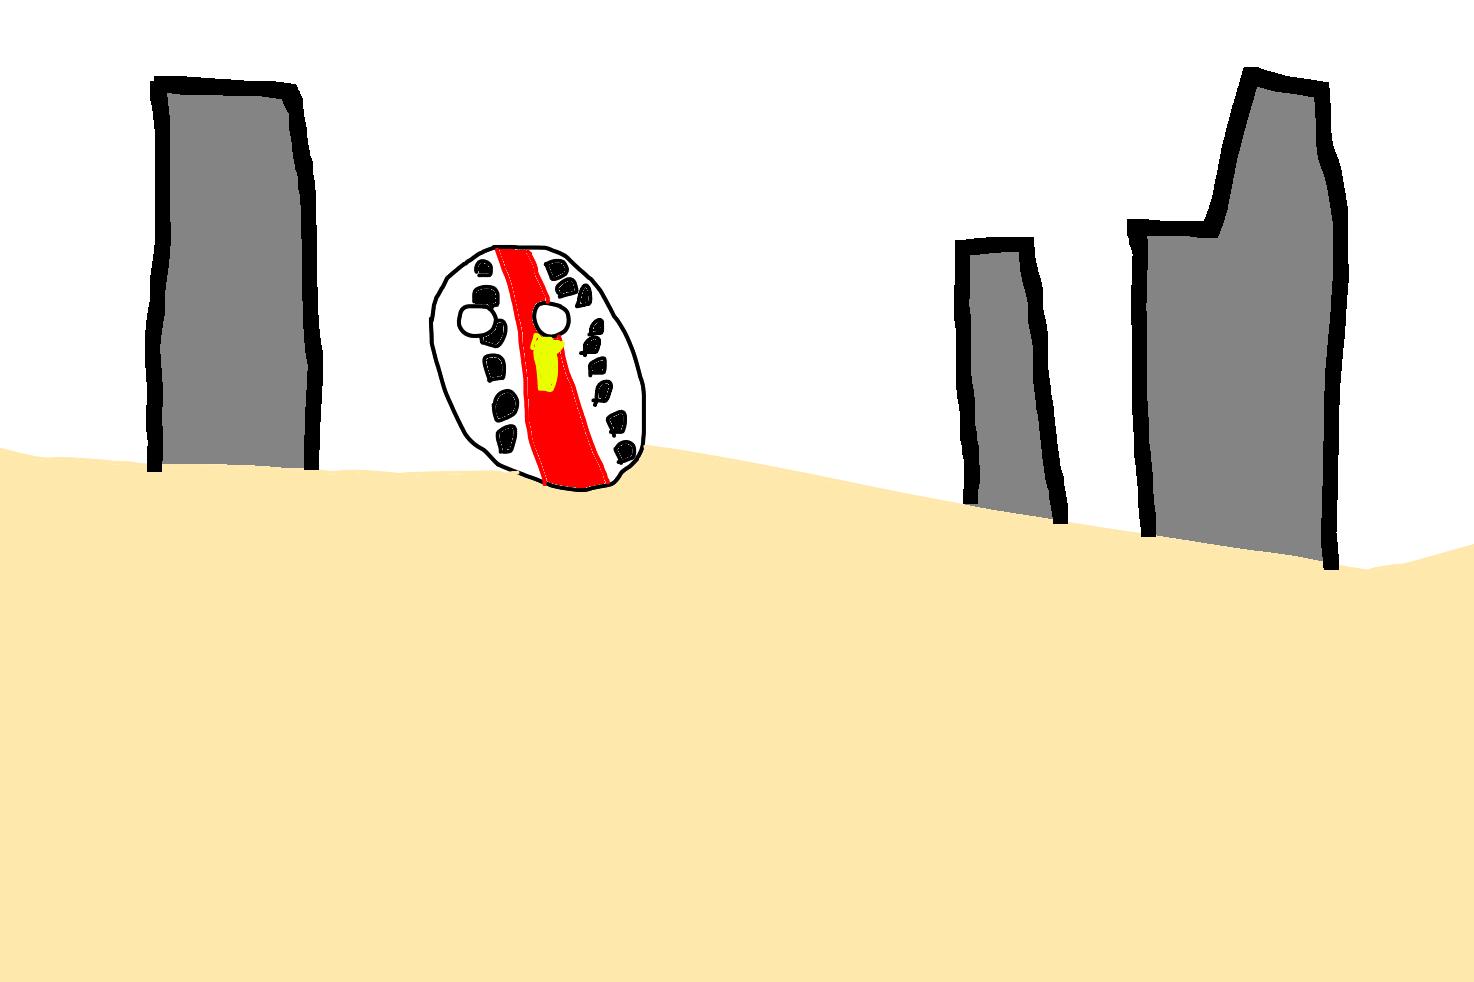 Carolinaball